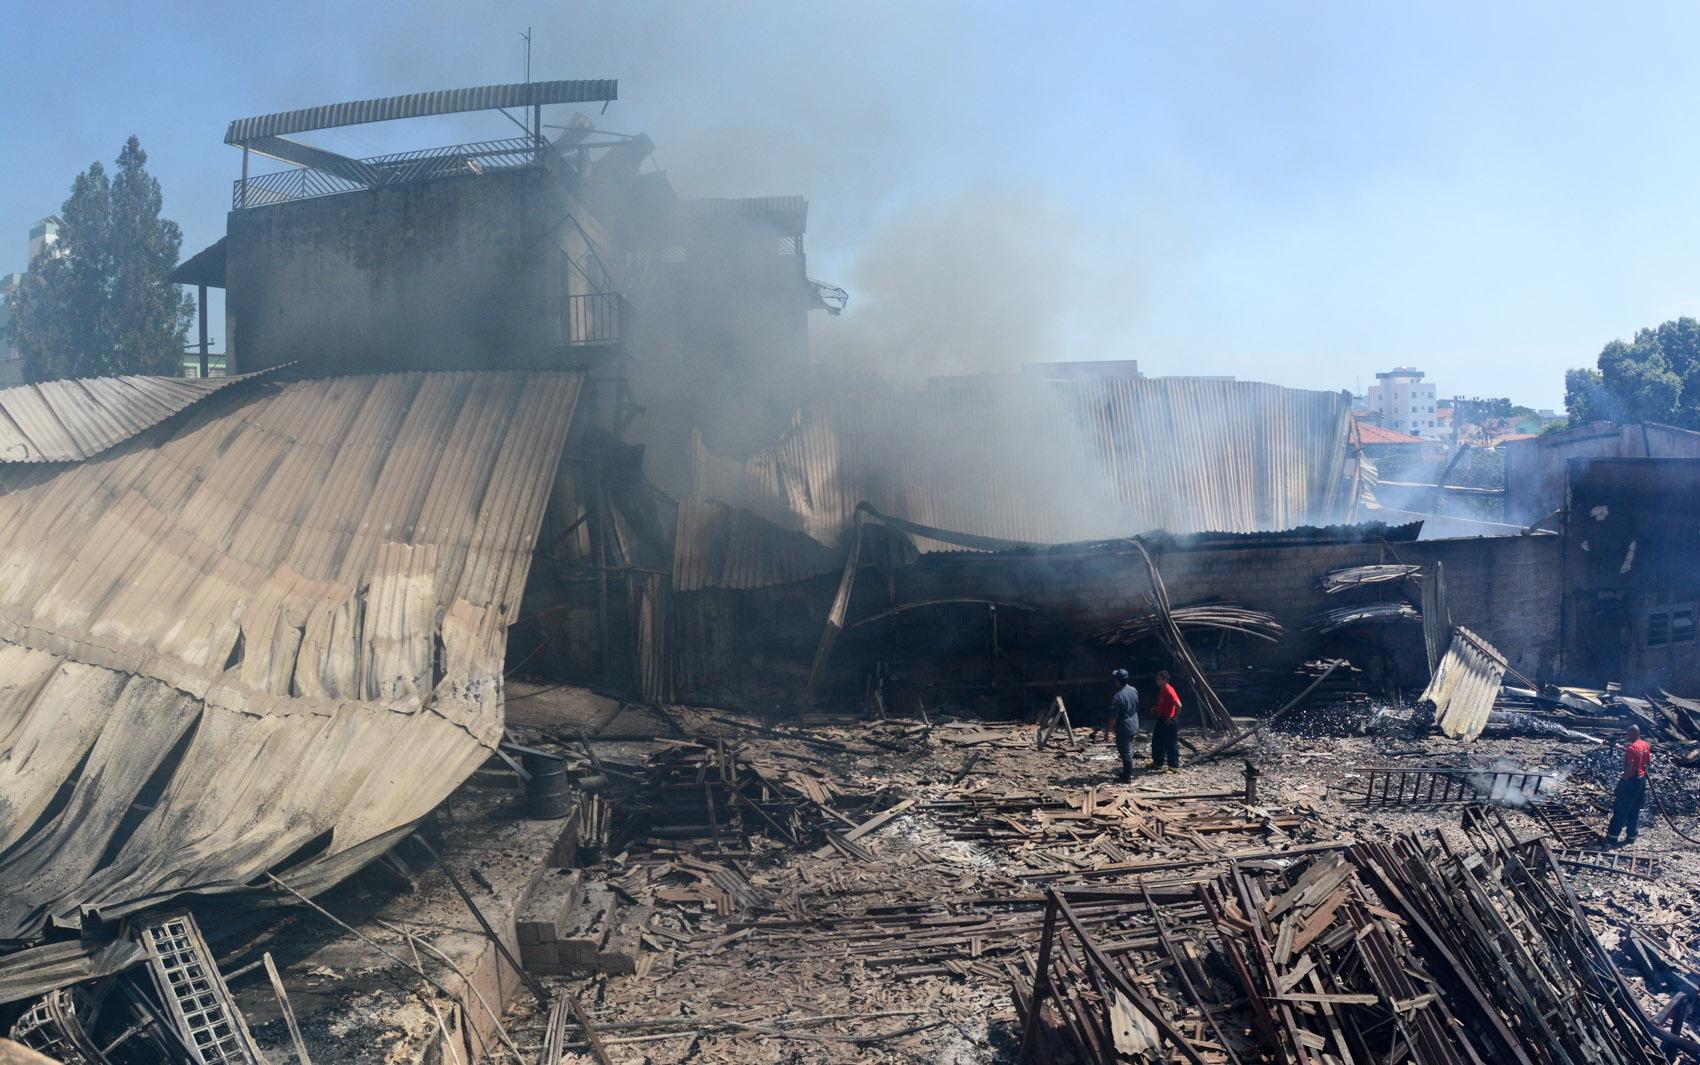 Bombeiros trabalham no combate a incêndio em um galpão no bairro Santa Mônica, em Belo Horizonte. O local era utilizado para armazenar produtos inflamáveis. Segundo os bombeiros o incêndio começou depois que um caminhão perto do imóvel pegou fogo